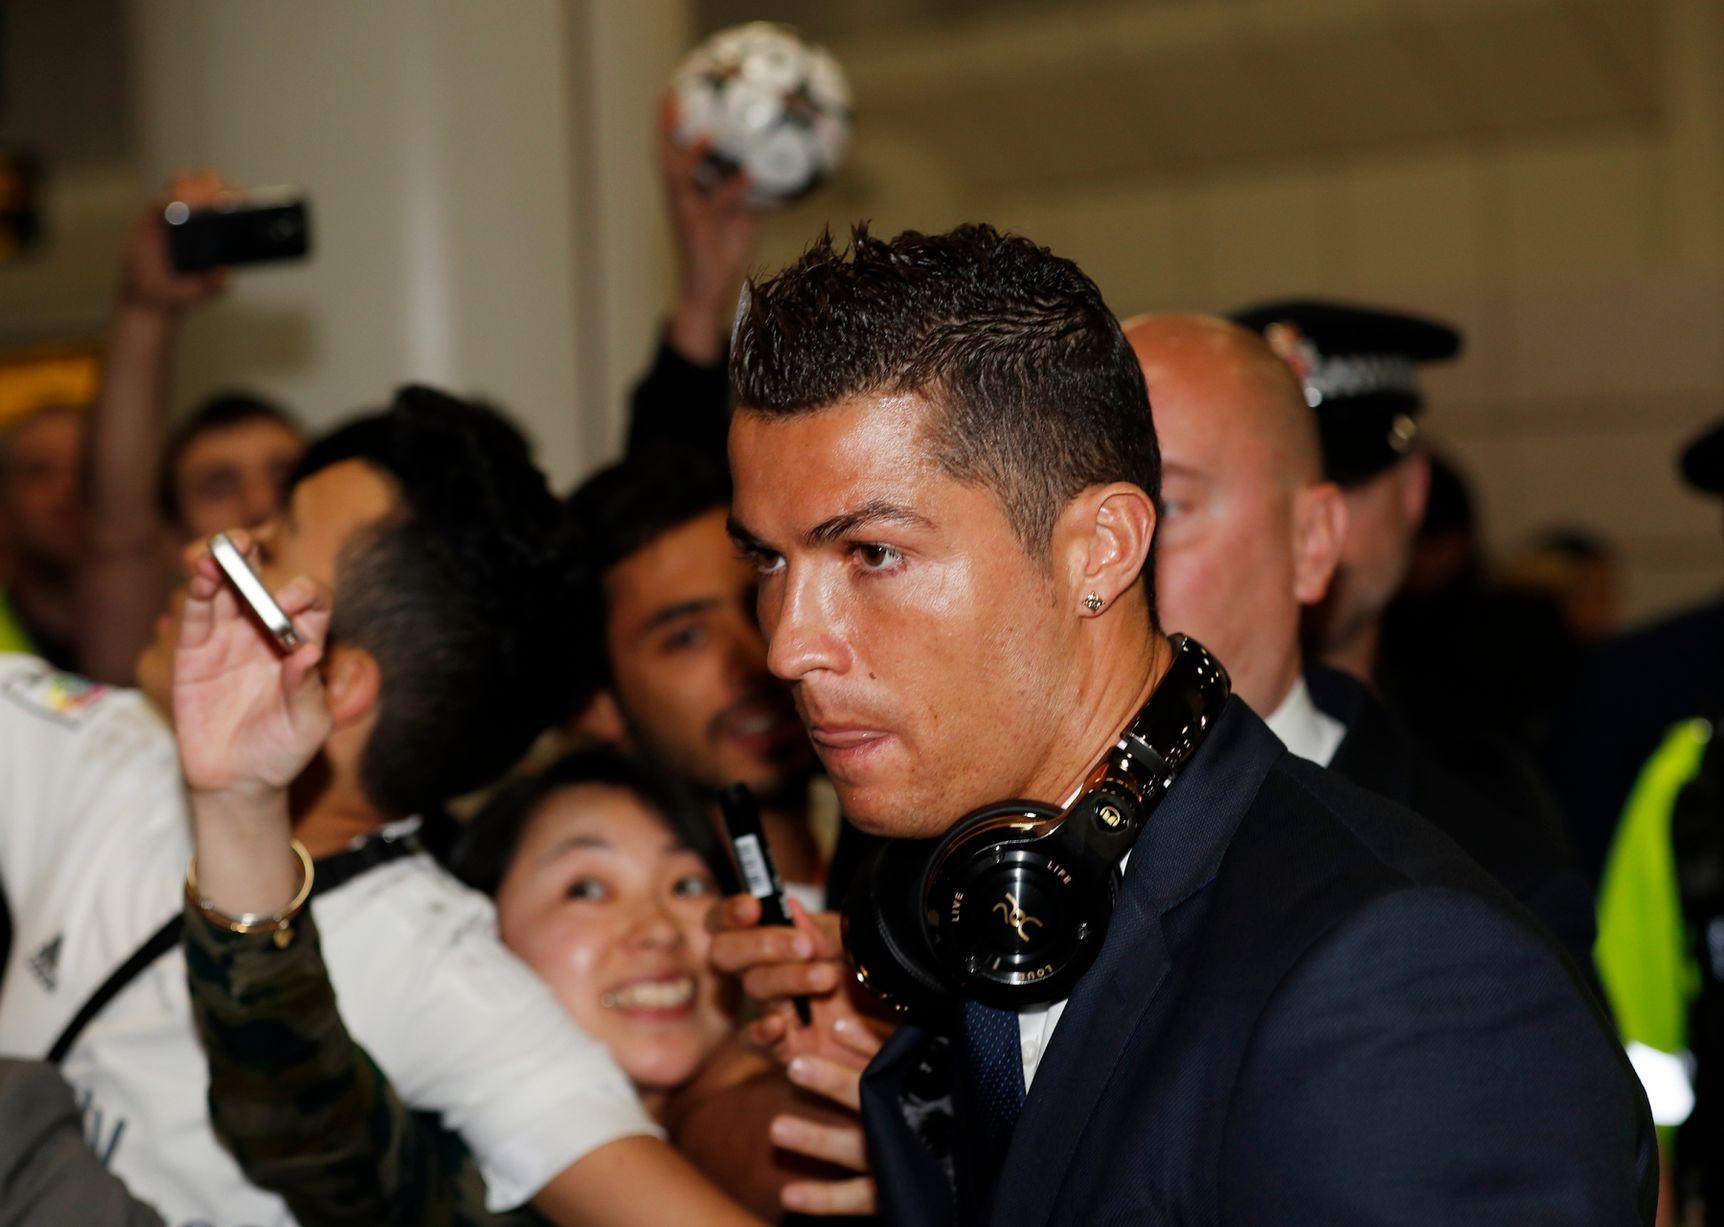 Ronaldo, në spektaklin e çeljes së Botërorit